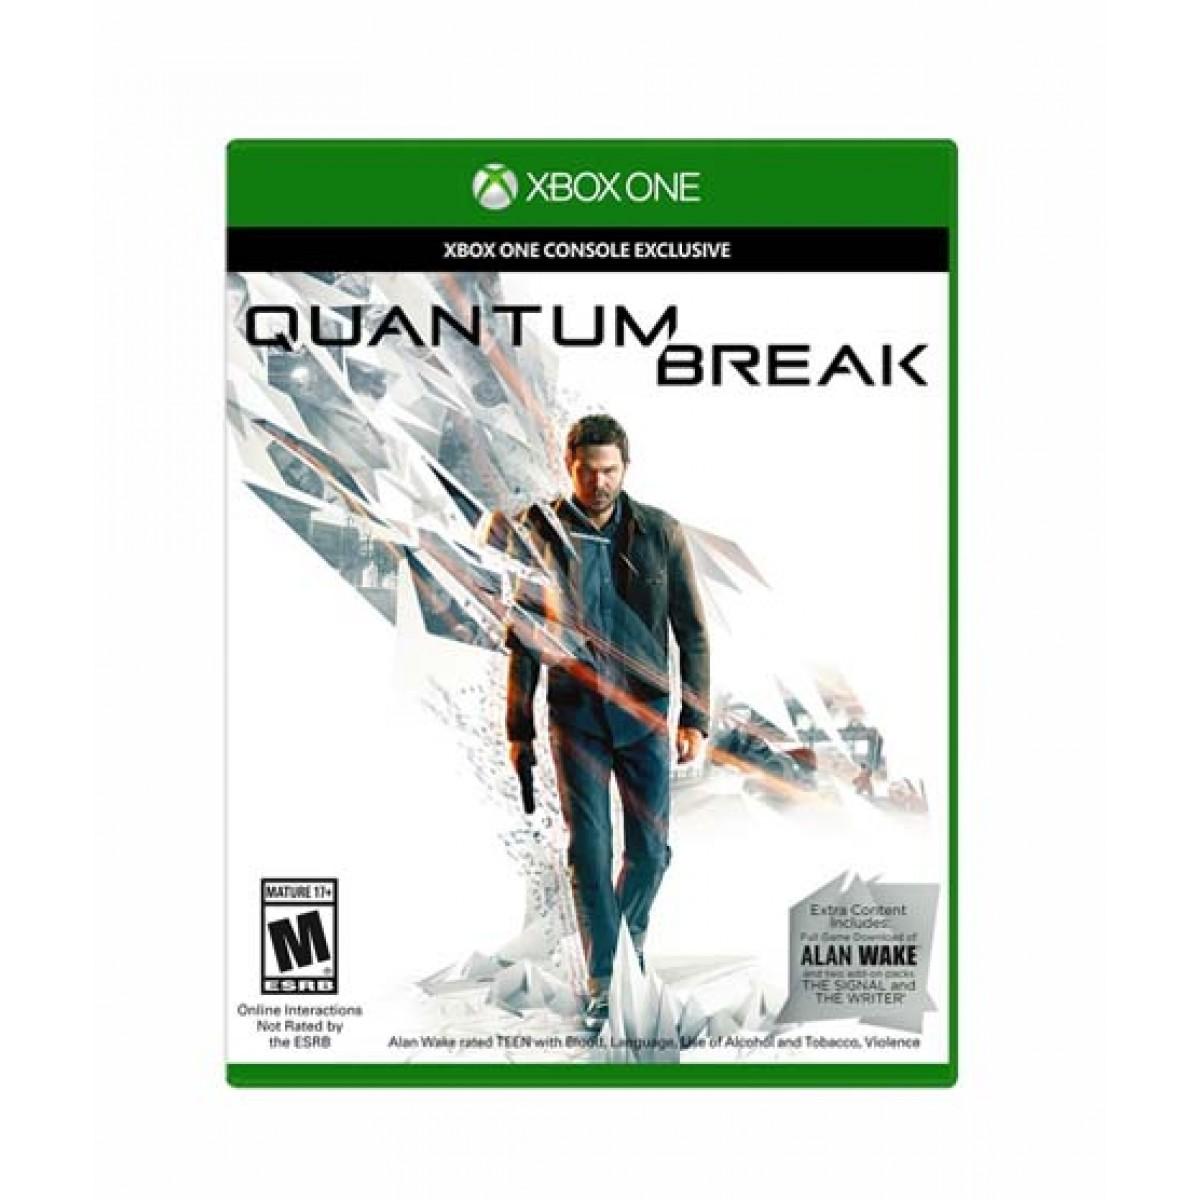 Quantum Break Game For Xbox One